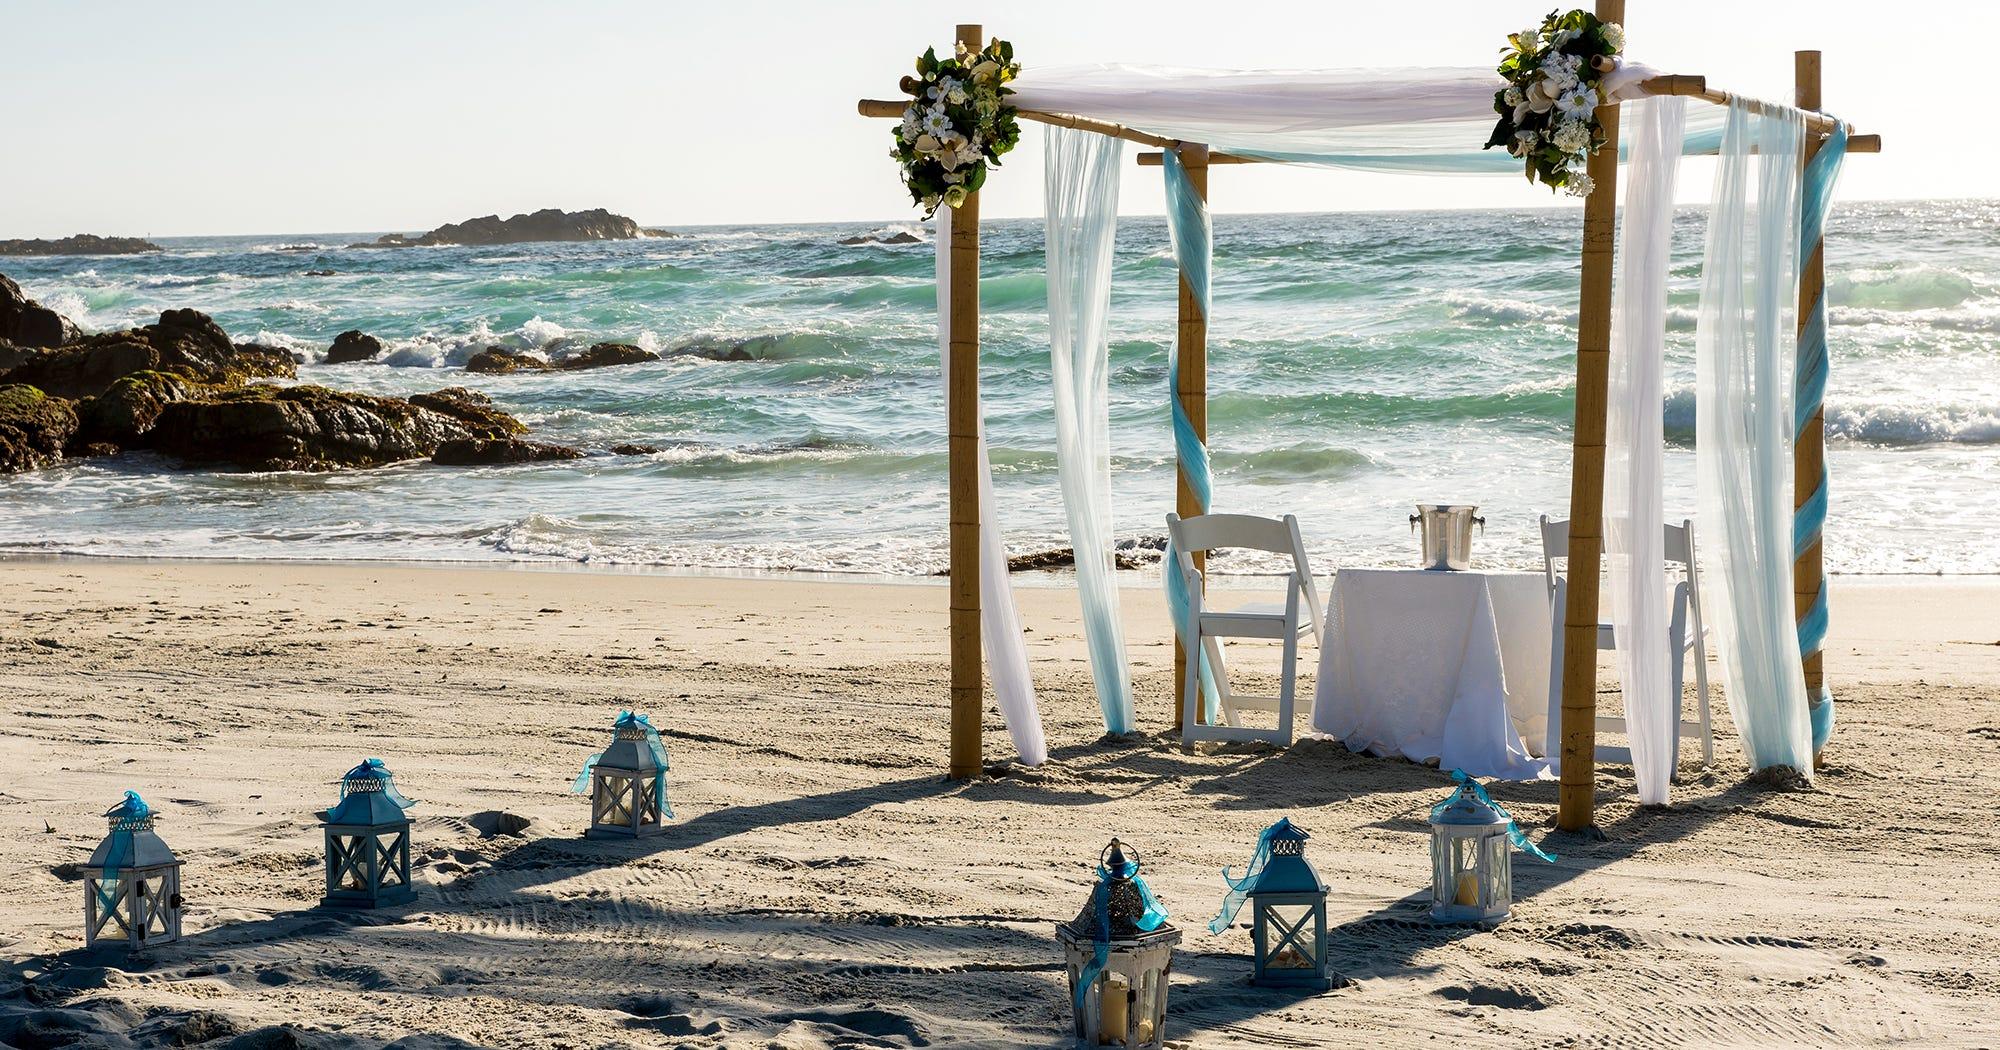 Destination wedding guest etiquette traveling tips Wedding guest dress etiquette uk